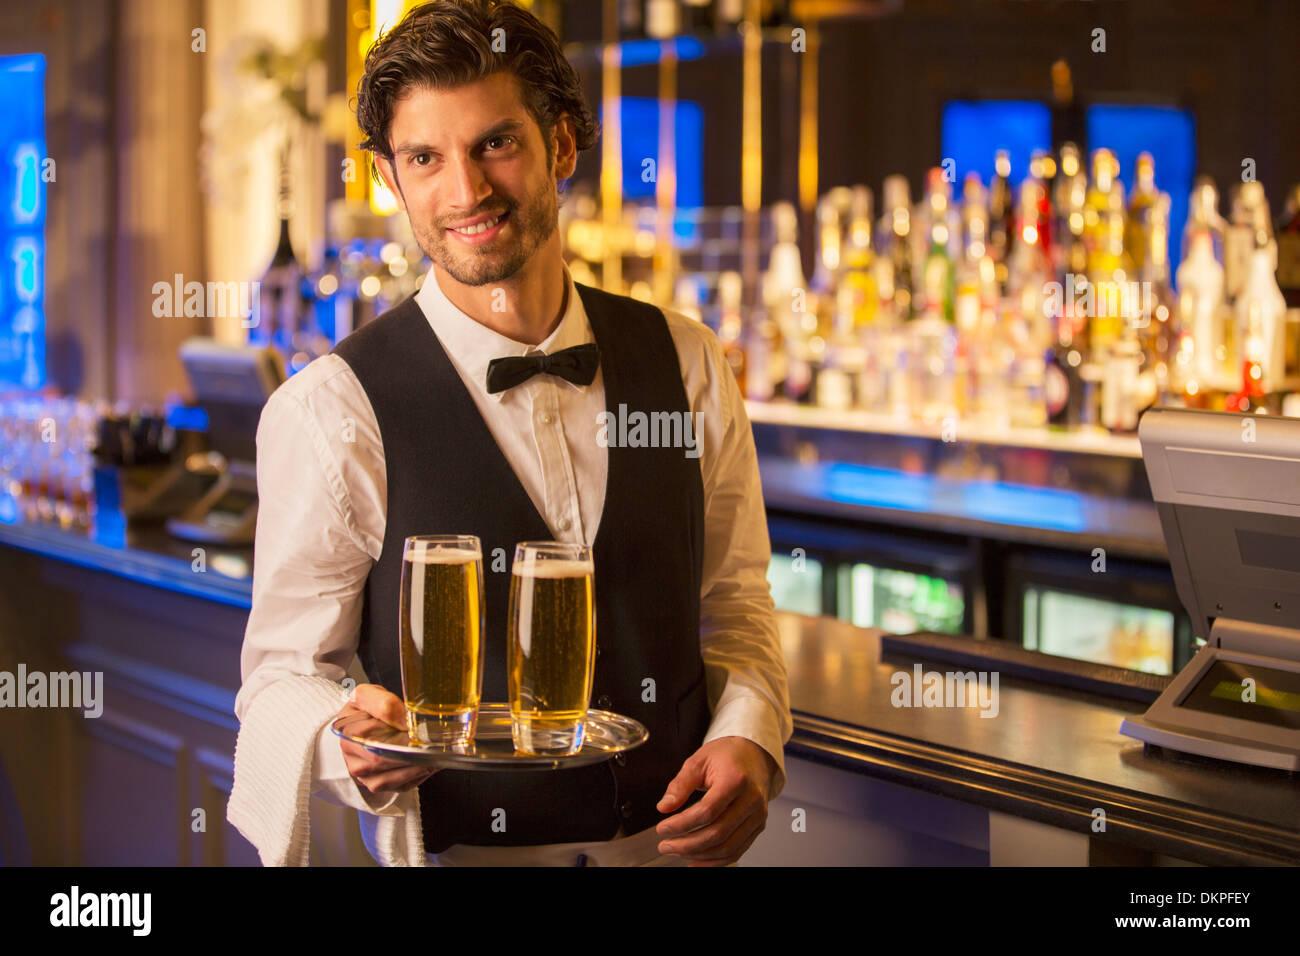 Porträt von gut gekleidete Barkeeper tragen Biere auf Tablett Stockbild